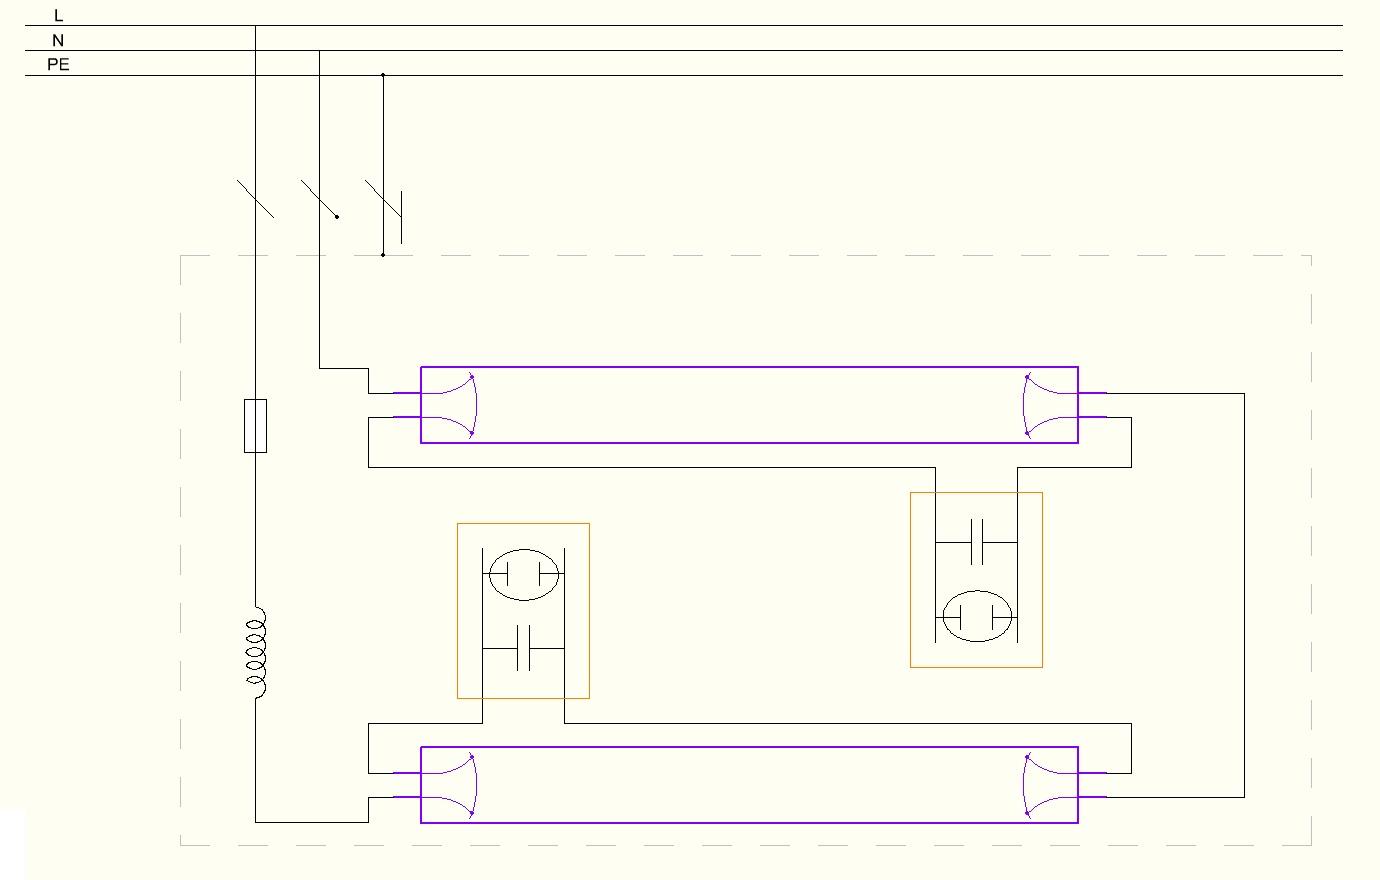 [SCHEMATICS_48IS]  2 Lamp Wiring Diagram - E5 wiring diagram | T8 2 Lamp Wiring Diagram |  | KUBB-AUF.DE